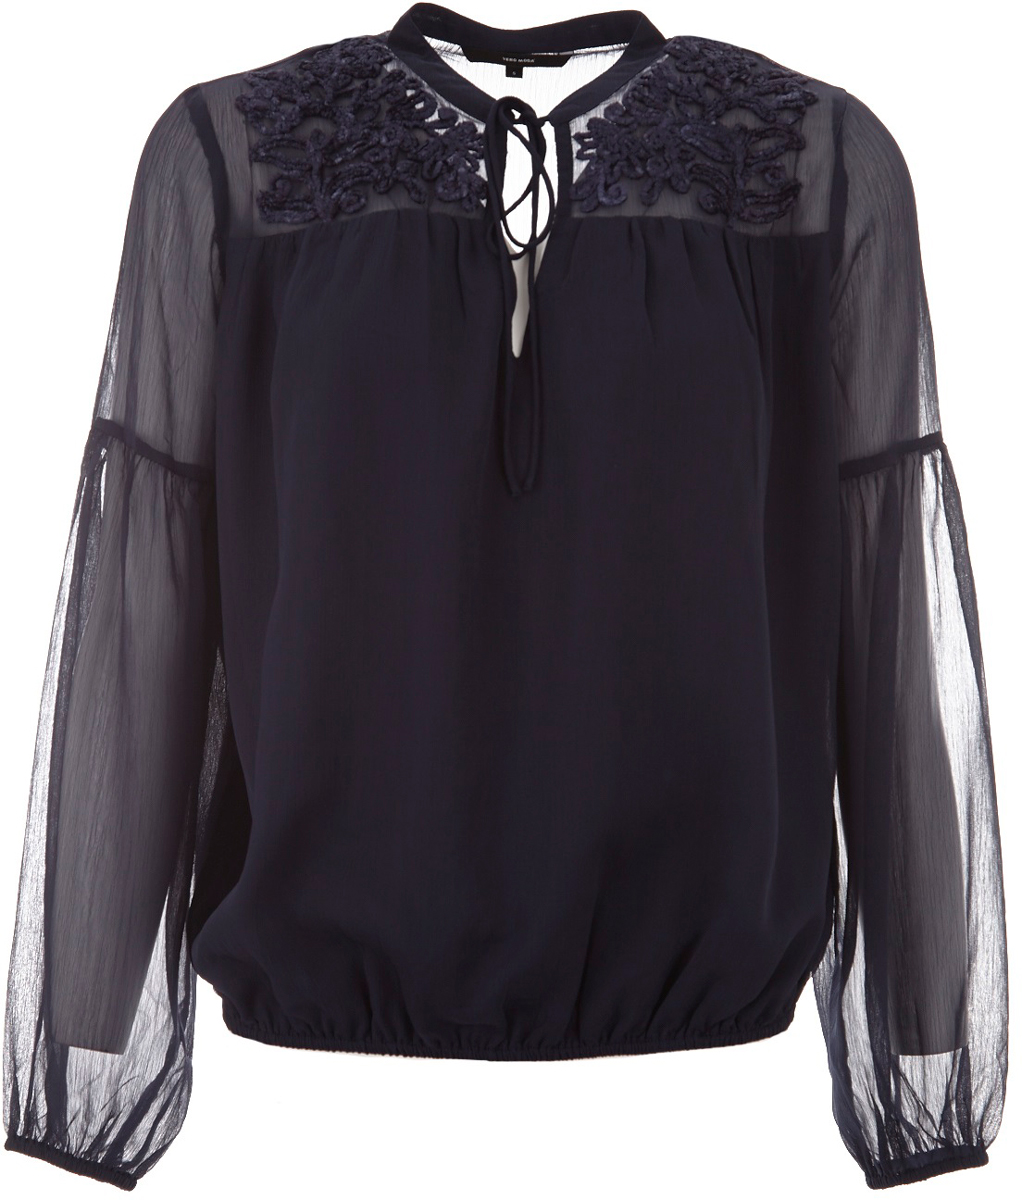 Блузка женская Vero Moda, цвет: темно-синий. 10185517_Navy Blazer. Размер L (48)10185517_Navy BlazerБлузка женская Vero Moda выполнена из качественного материала. Модель с длинными рукавами и круглым вырезом горловины.